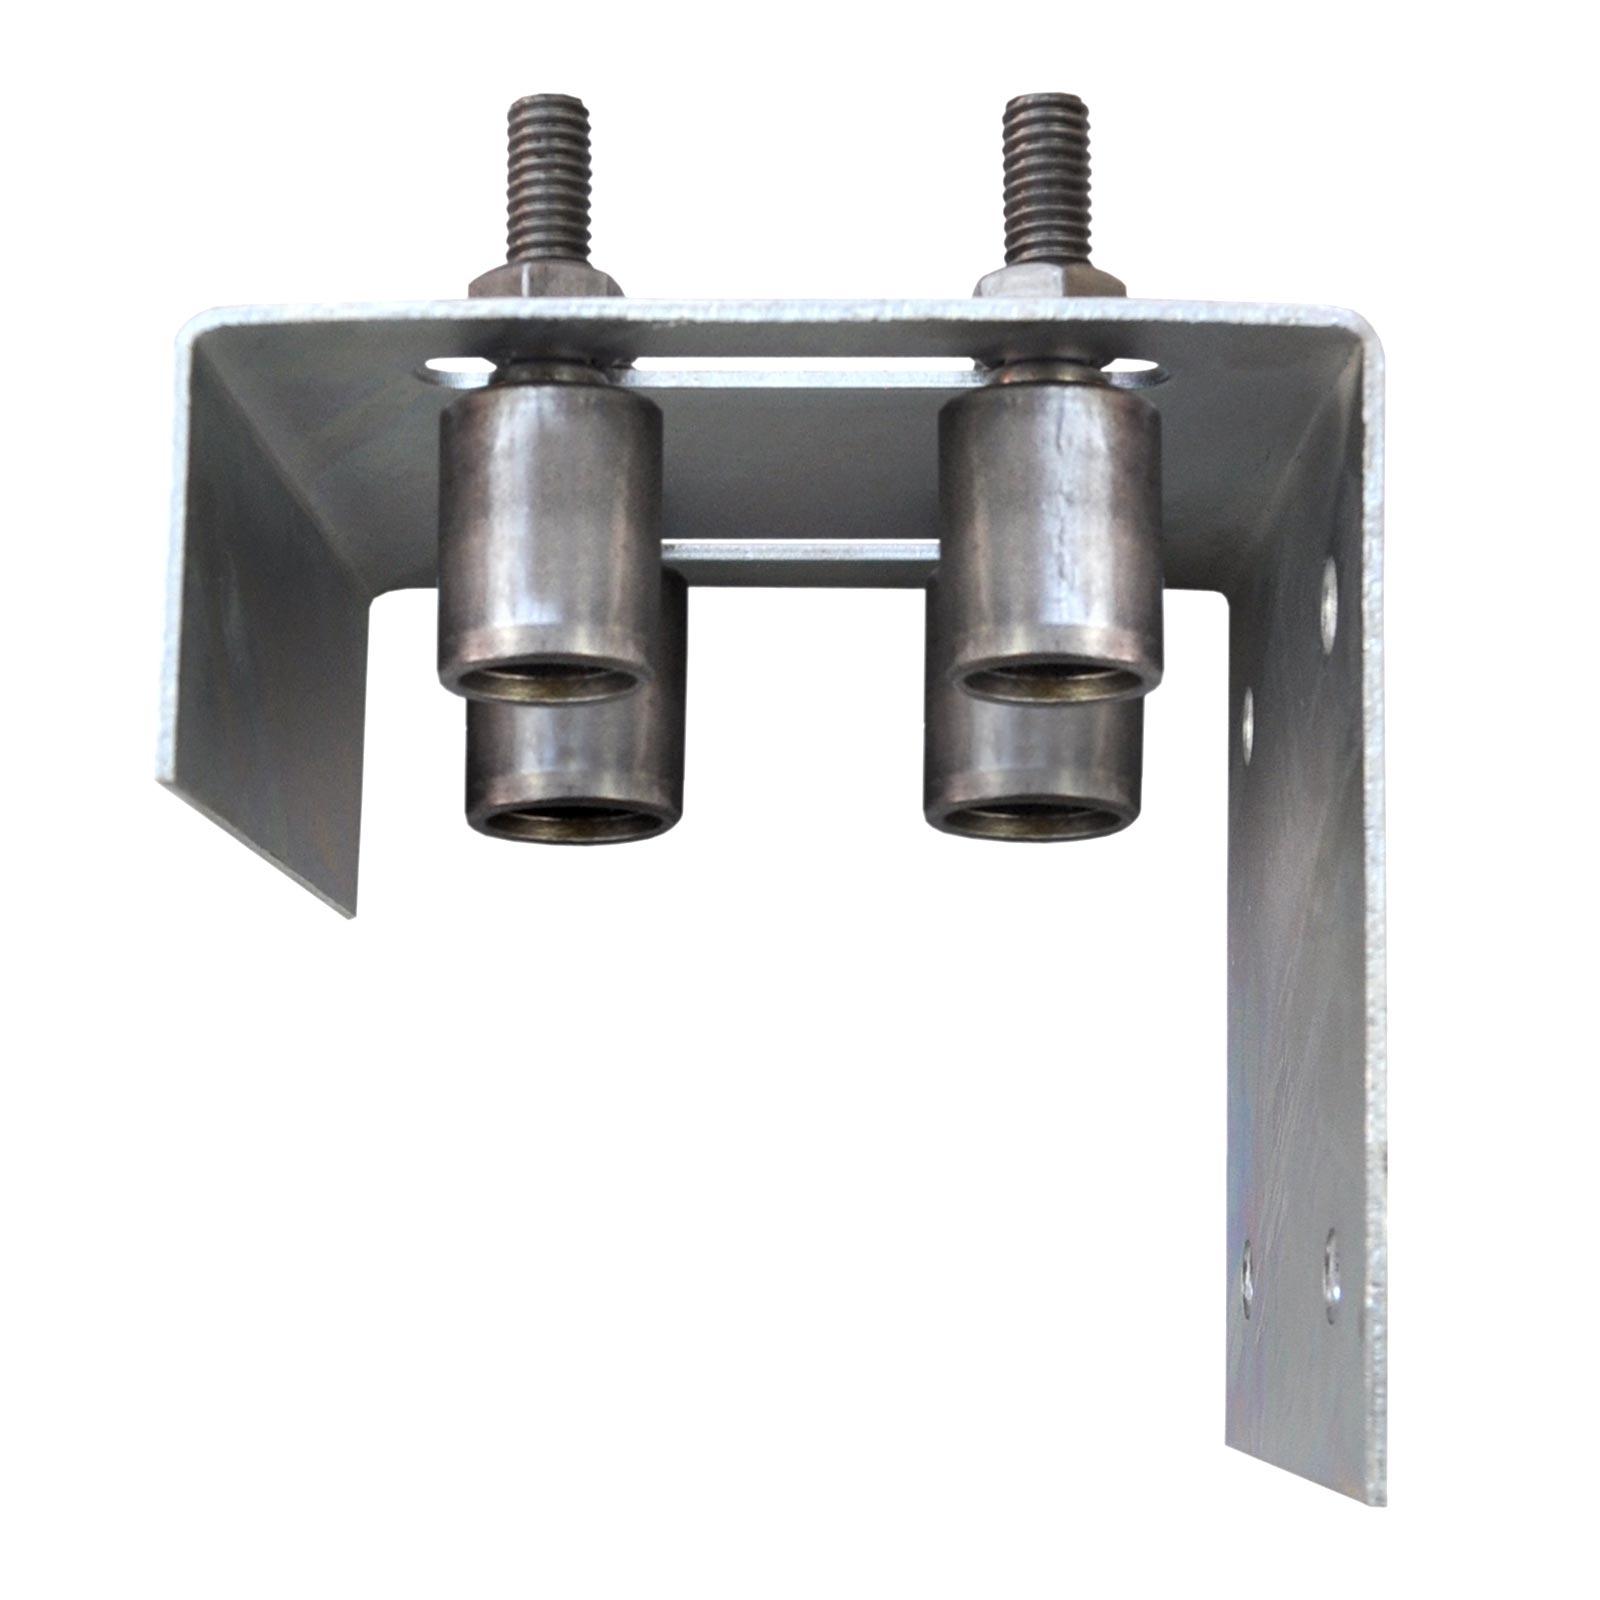 Fuhrungsbock Breit Mit 4 Fuhrungsrollen Aus Stahl O37